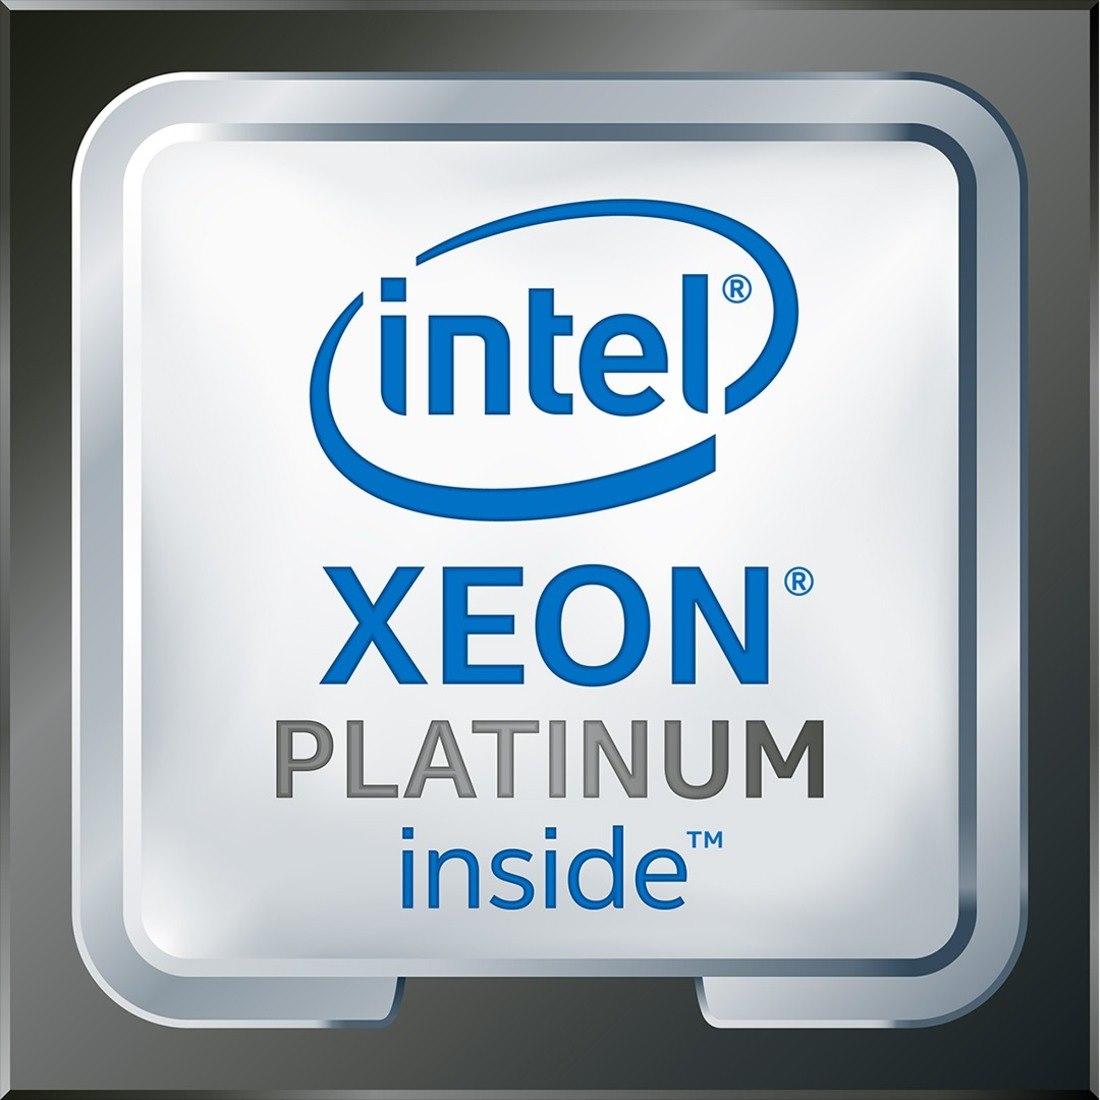 HPE Intel Xeon Platinum 8280L Octacosa-core (28 Core) 2.70 GHz Processor Upgrade